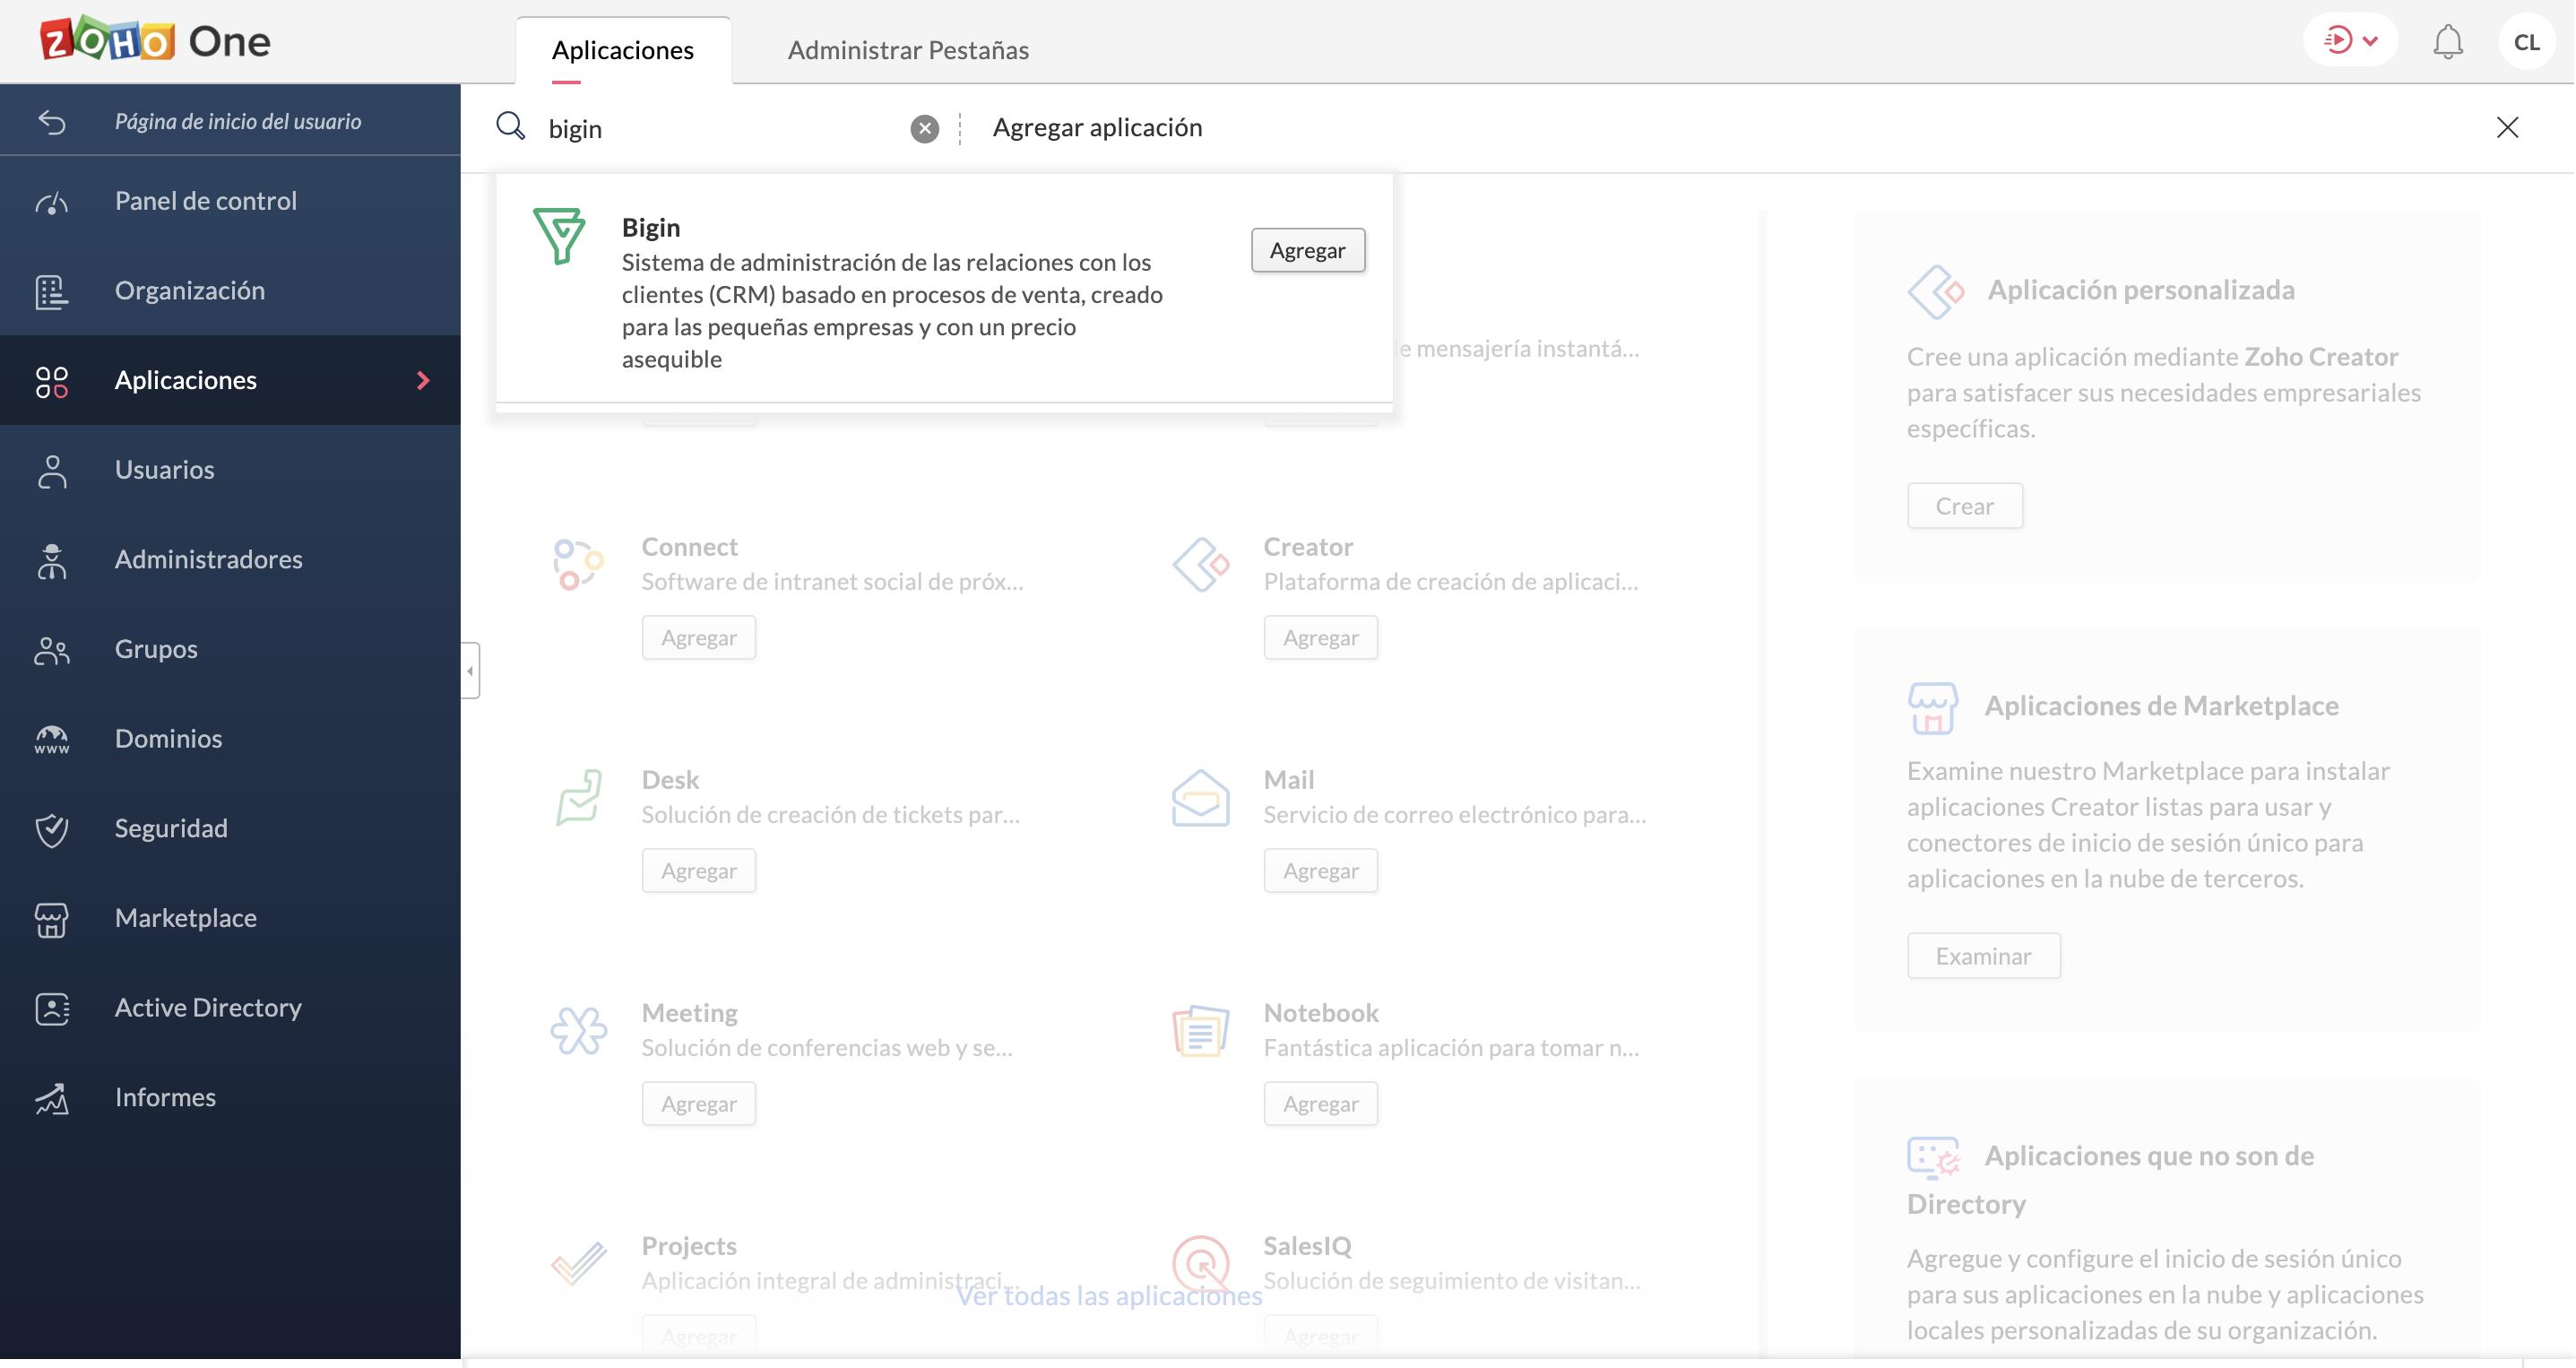 añadir aplicación desde la barra de búsqueda en zoho one